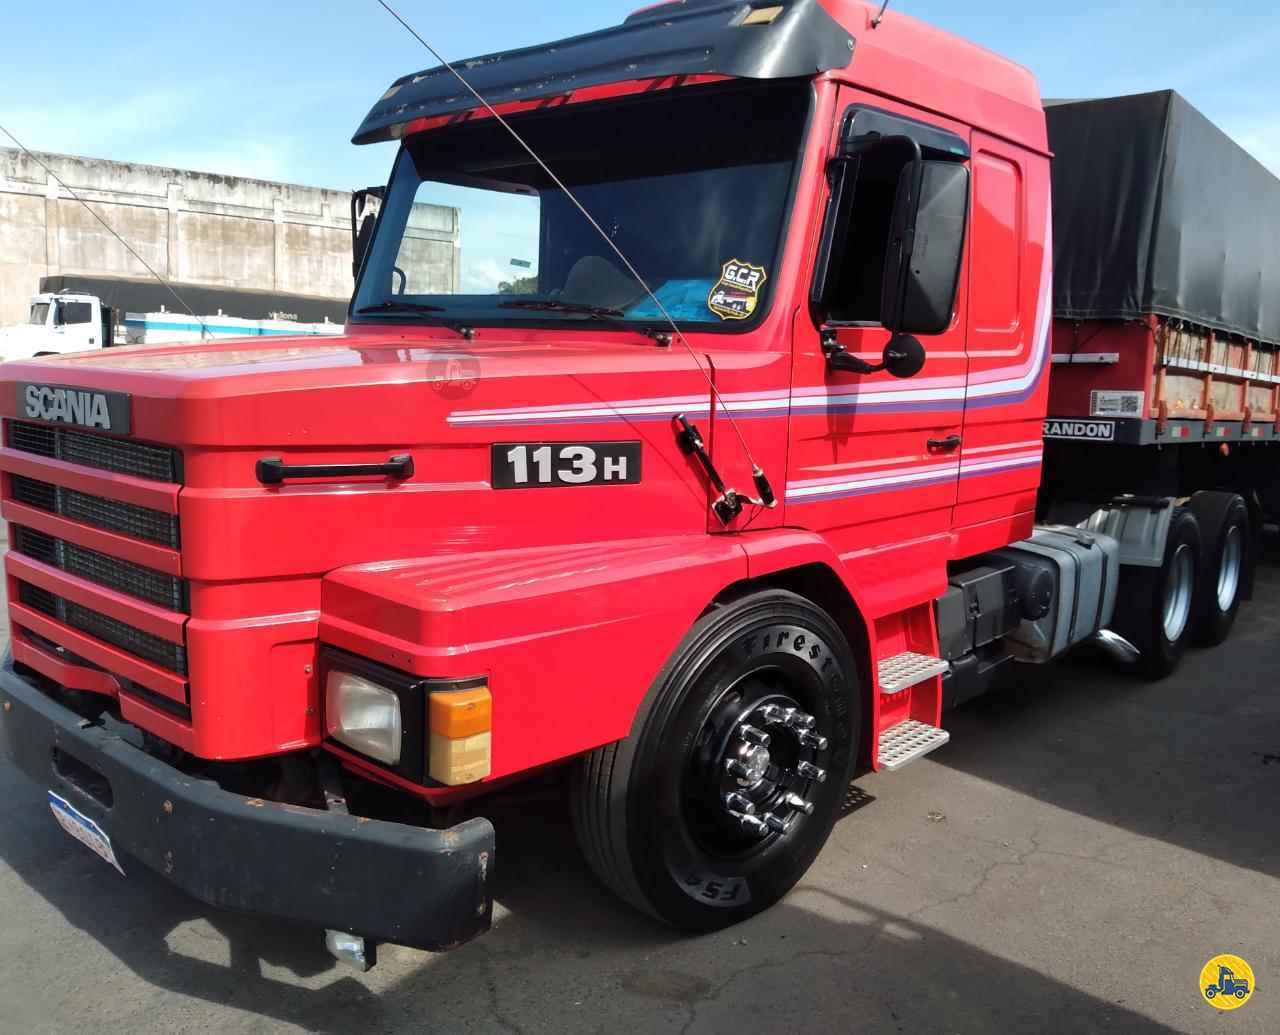 CAMINHAO SCANIA SCANIA 113 360 Cavalo Mecânico Truck 6x2 Cotral Caminhões SERRA DO SALITRE MINAS GERAIS MG